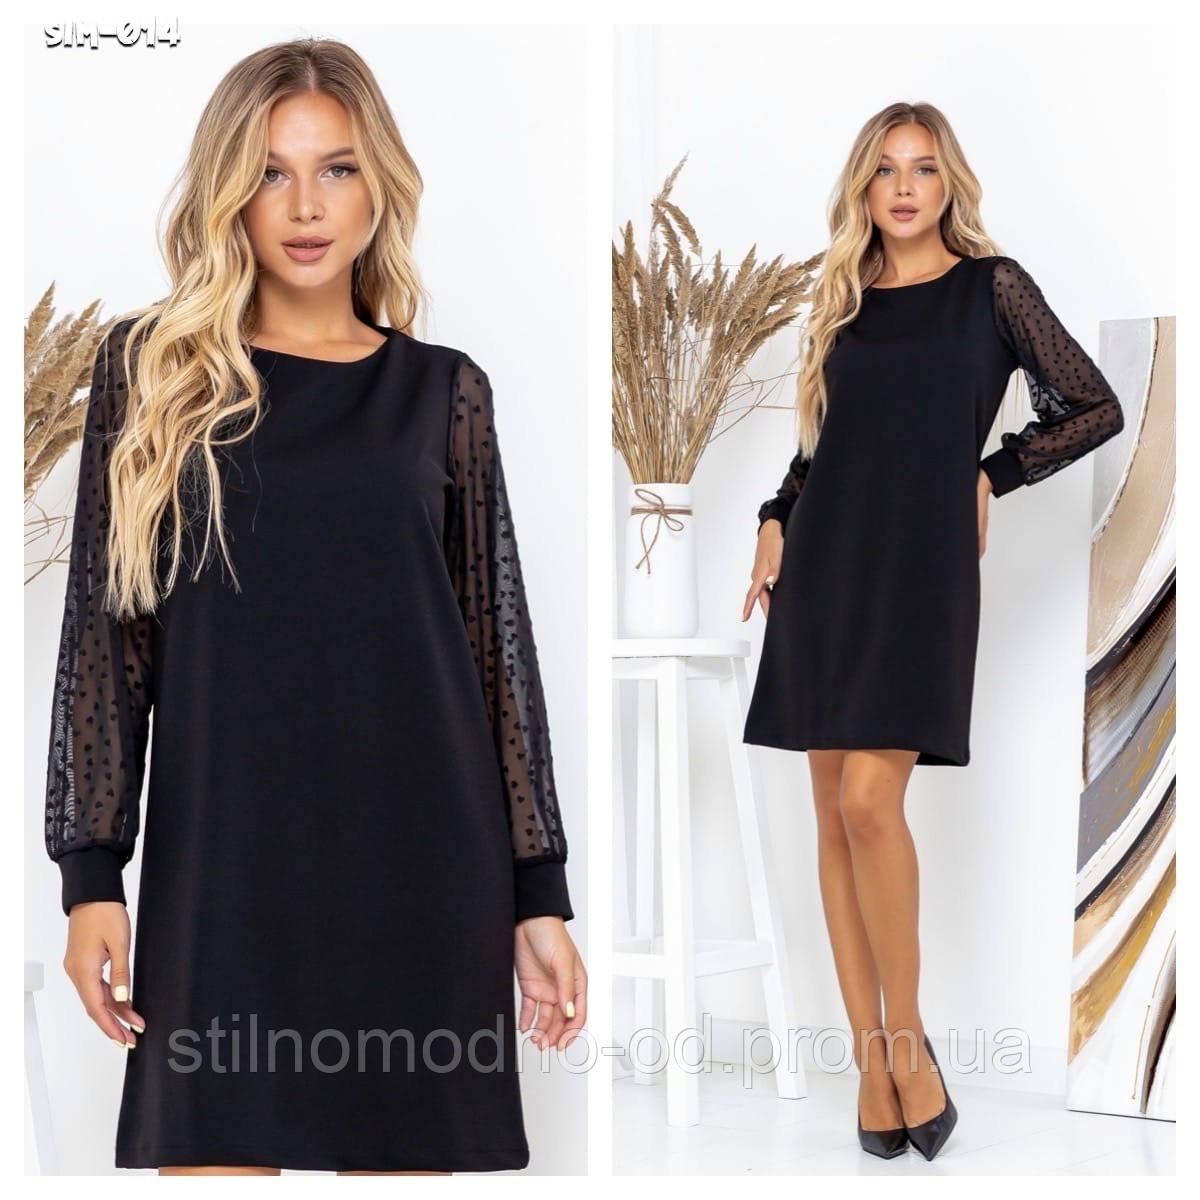 """Жіноча сукня """"Браунч"""" від СтильноМодно"""